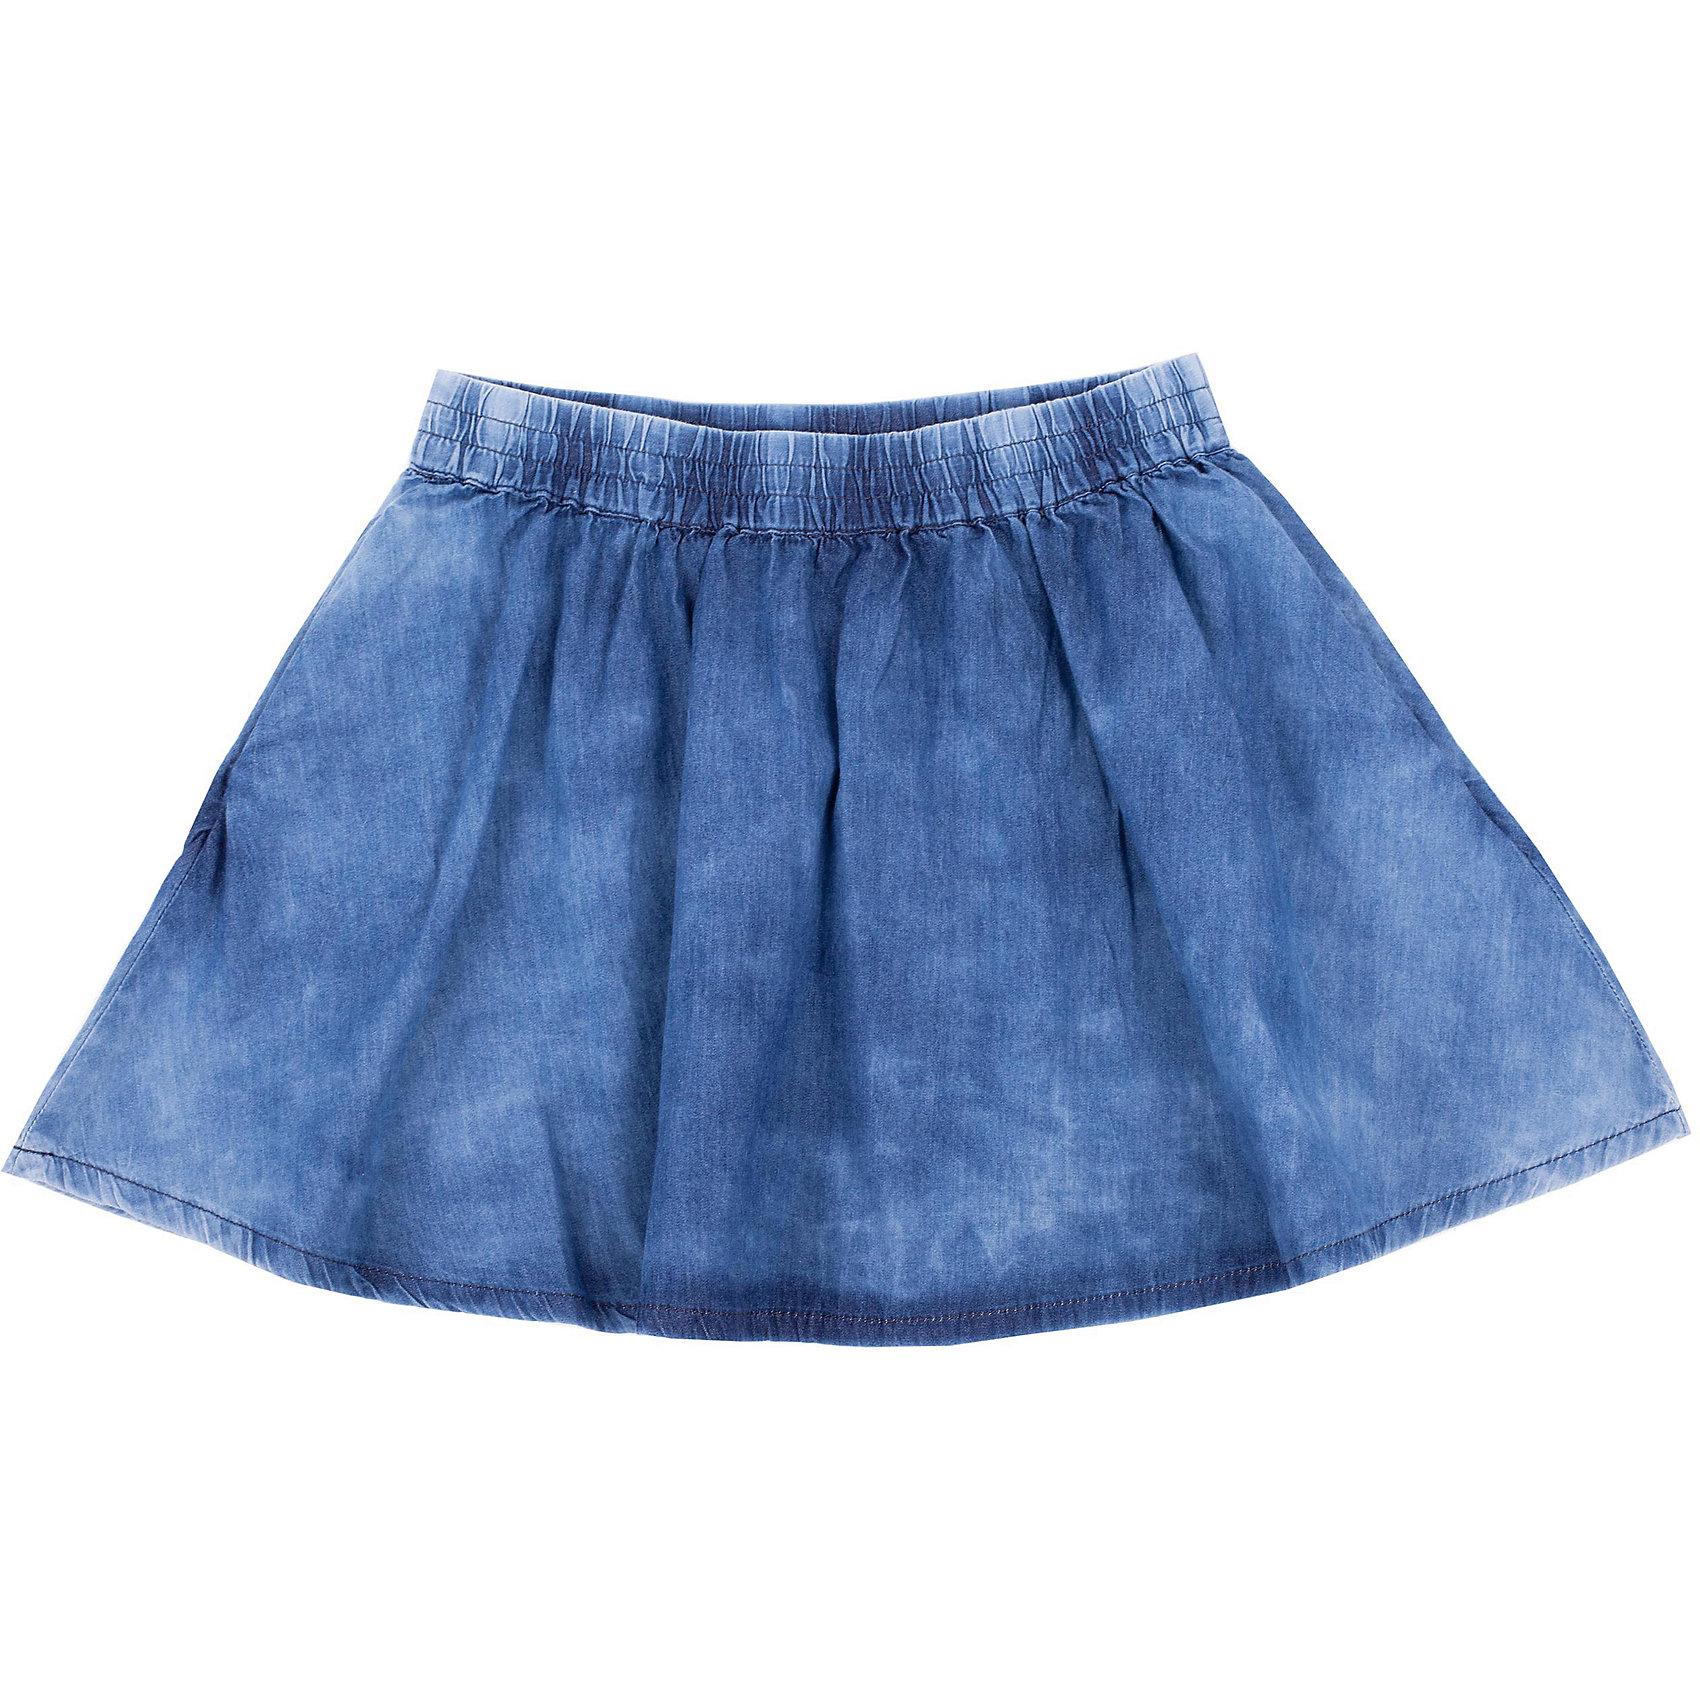 Юбка для девочки GulliverДжинсовая юбка для девочки - прекрасный вариант для жаркого лета. Тонкий деним, расклешенный силуэт, пояс на резинке, удобные карманы делают юбку незаменимой повседневной вещью в гардеробе ребенка. С блузкой, футболкой, топом юбка составит отличный летний комплект. Вы решали купить стильную юбку для девочки на каждый день? Эта модель - отличный выбор!<br>Состав:<br>100% хлопок<br><br>Ширина мм: 207<br>Глубина мм: 10<br>Высота мм: 189<br>Вес г: 183<br>Цвет: голубой<br>Возраст от месяцев: 132<br>Возраст до месяцев: 144<br>Пол: Женский<br>Возраст: Детский<br>Размер: 152,146,158,164<br>SKU: 4535053